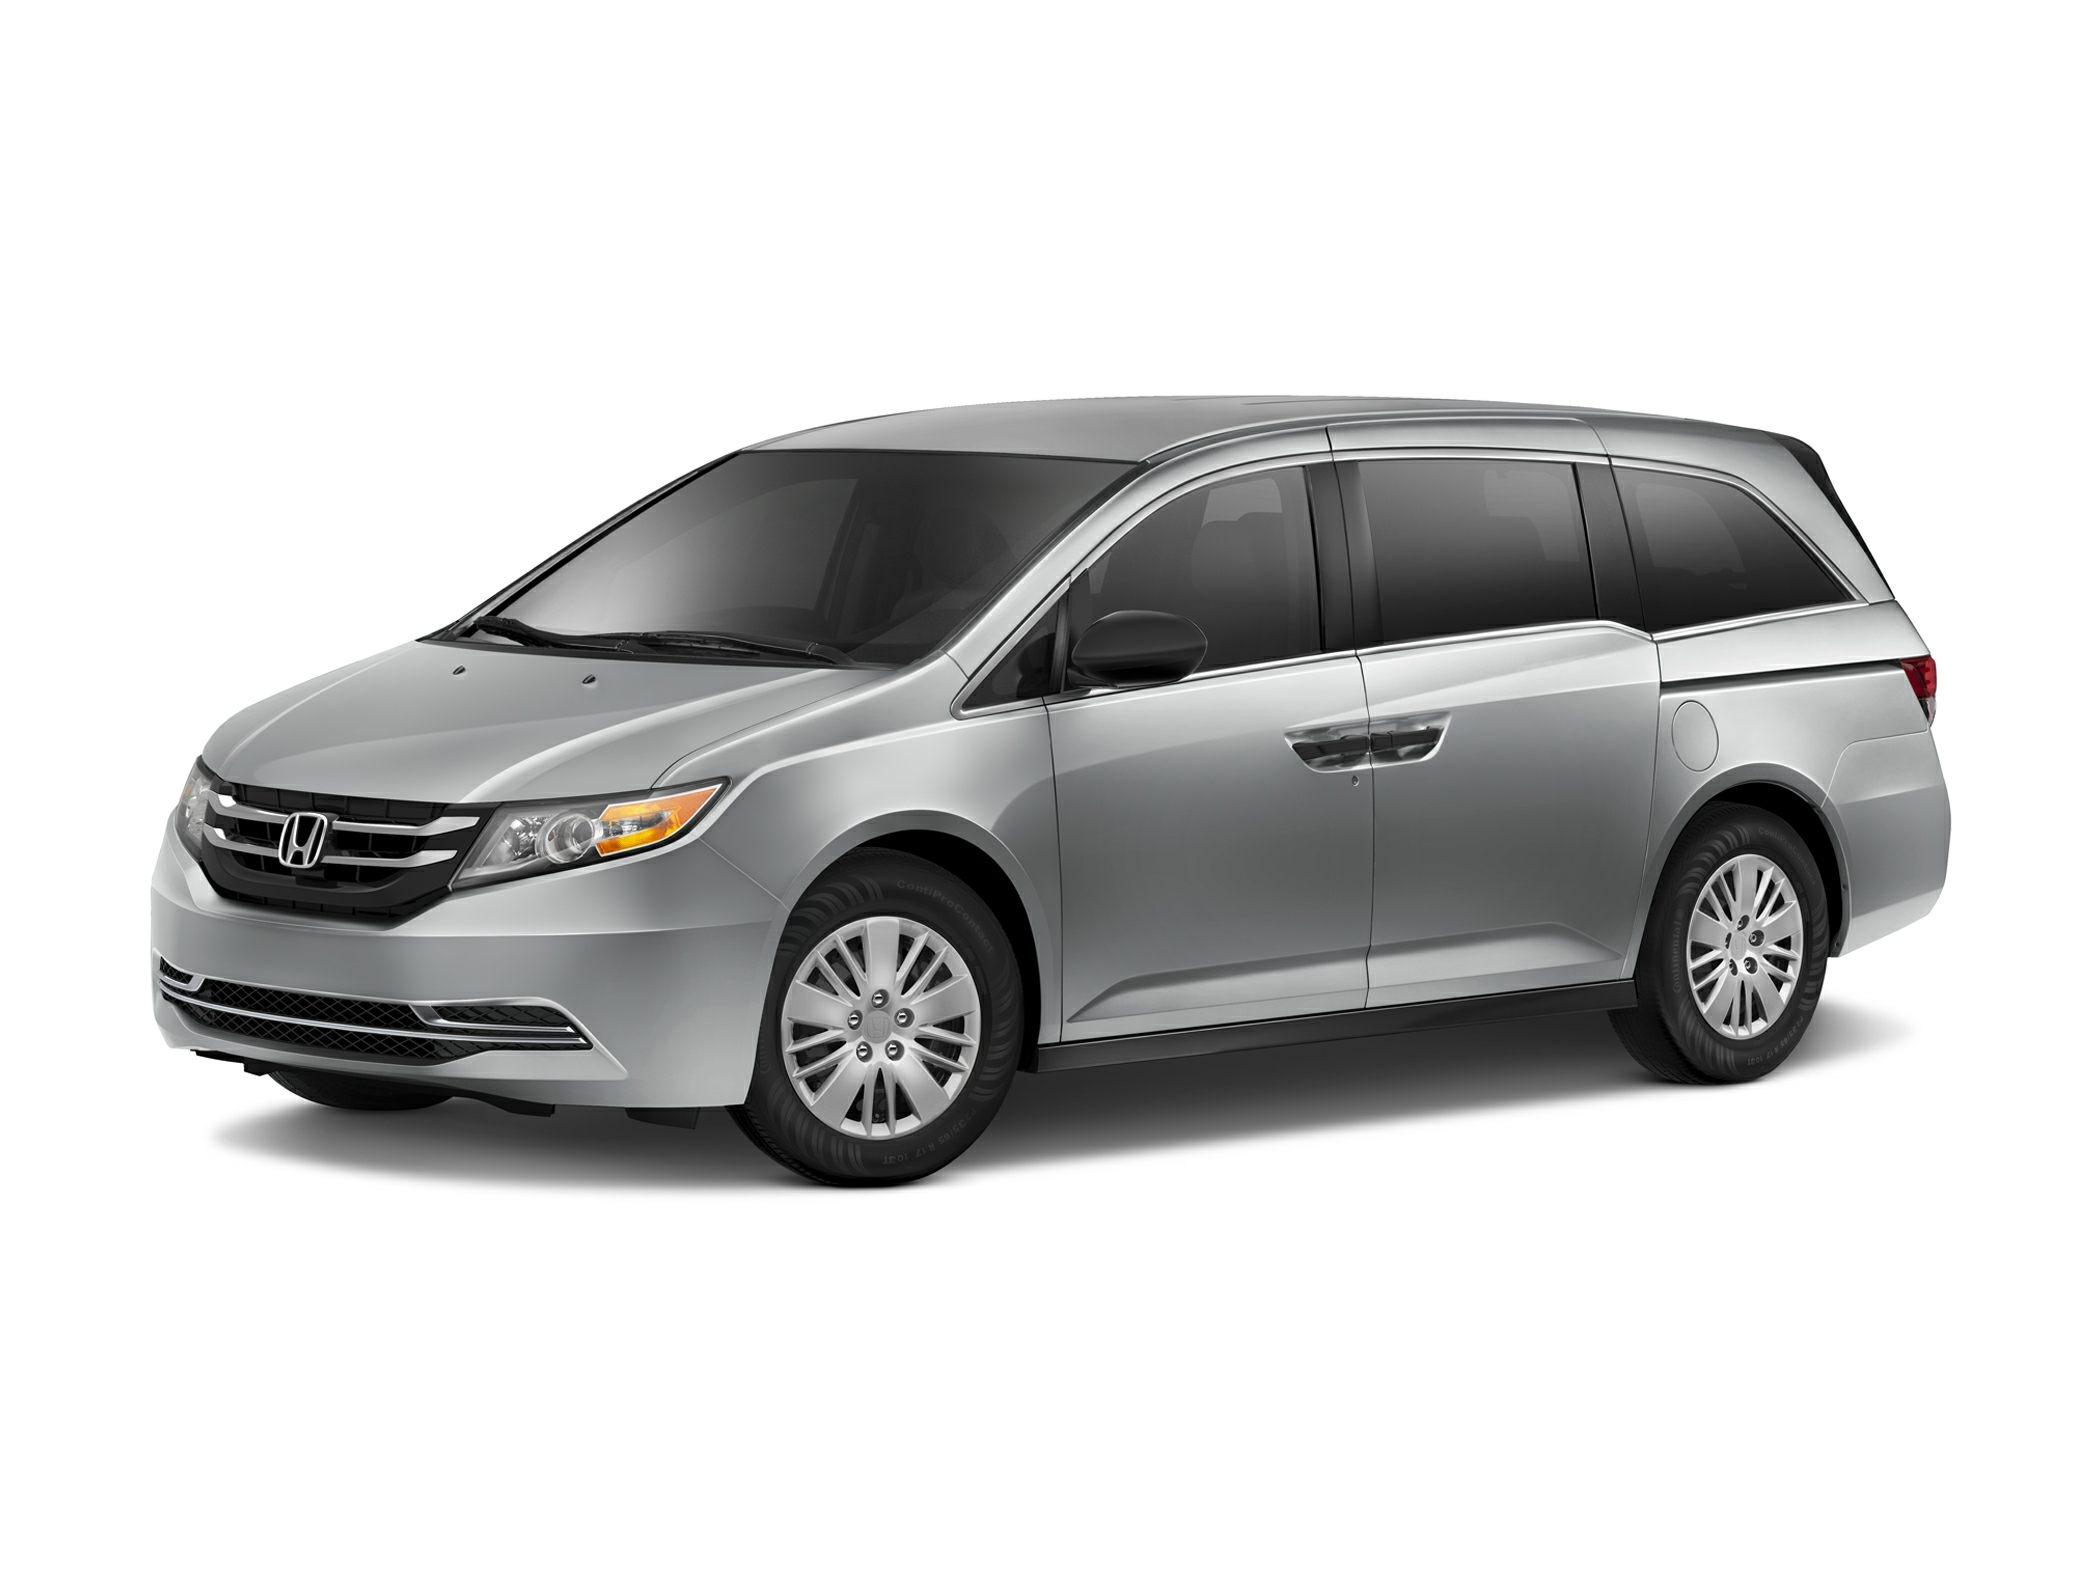 2016 honda odyssey minivan van lx passenger van exterior honda odyssey invoice